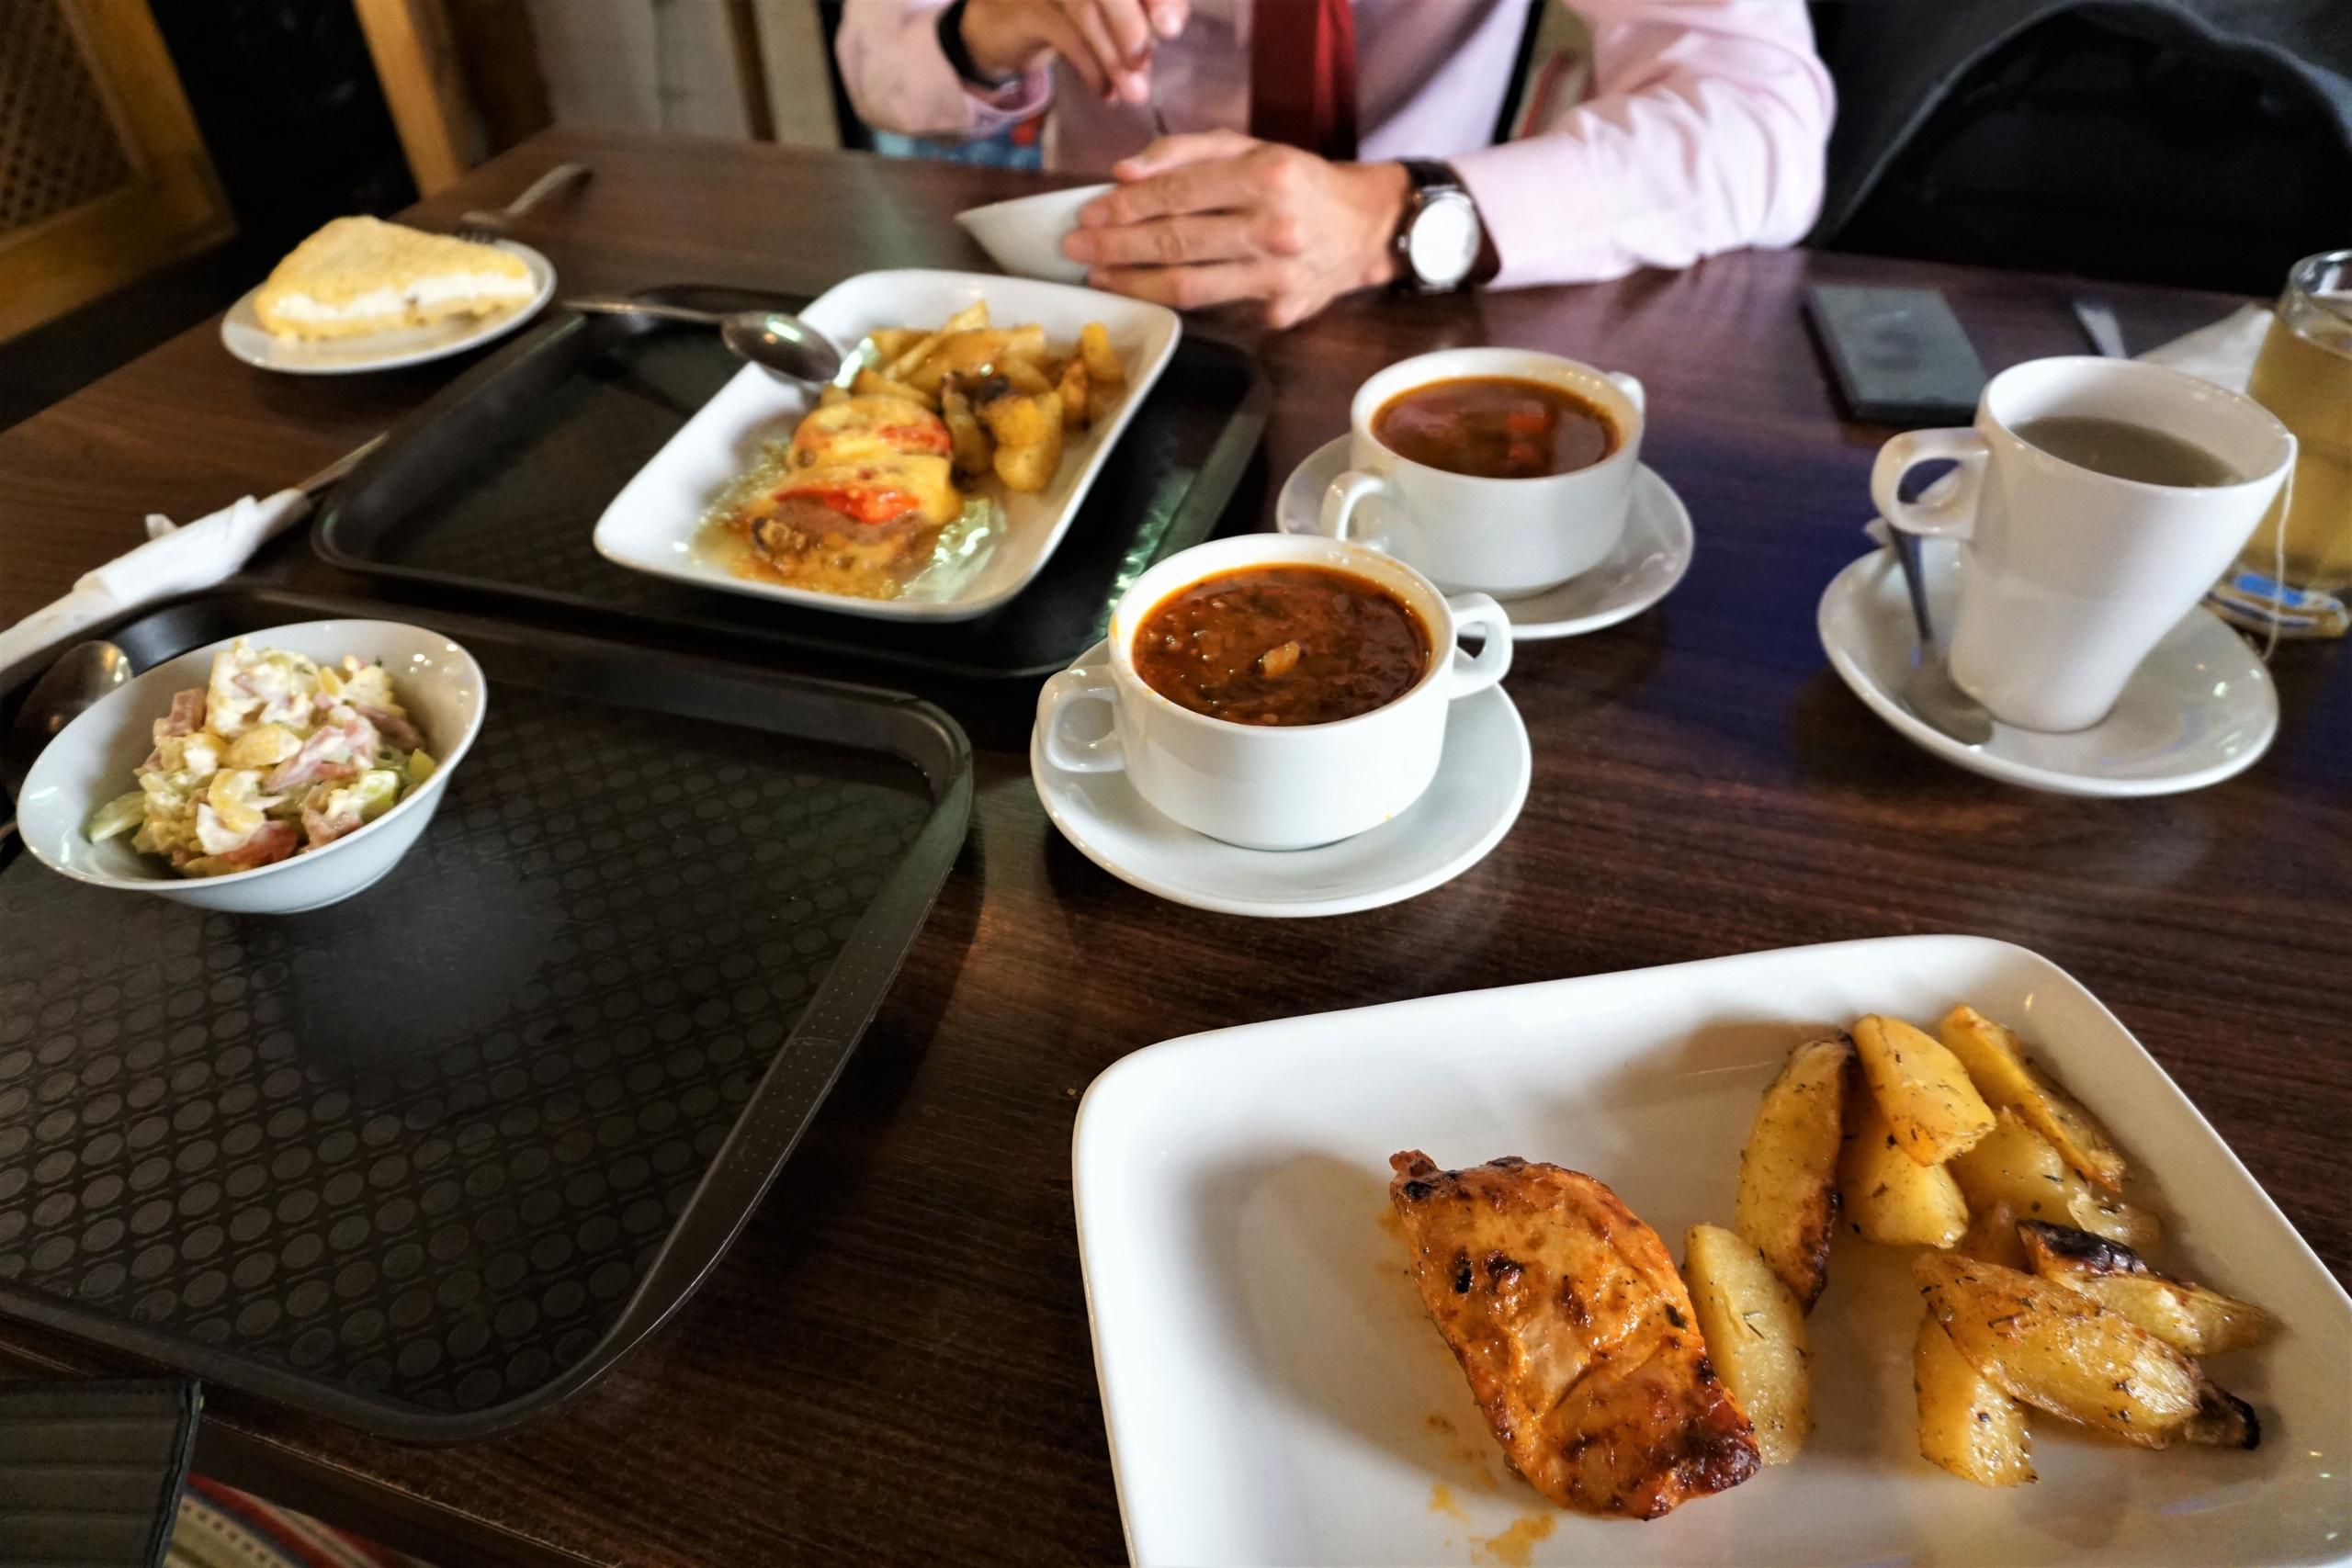 Обеды в Кебаб-Хаус на Маросейке. Как-то не очень